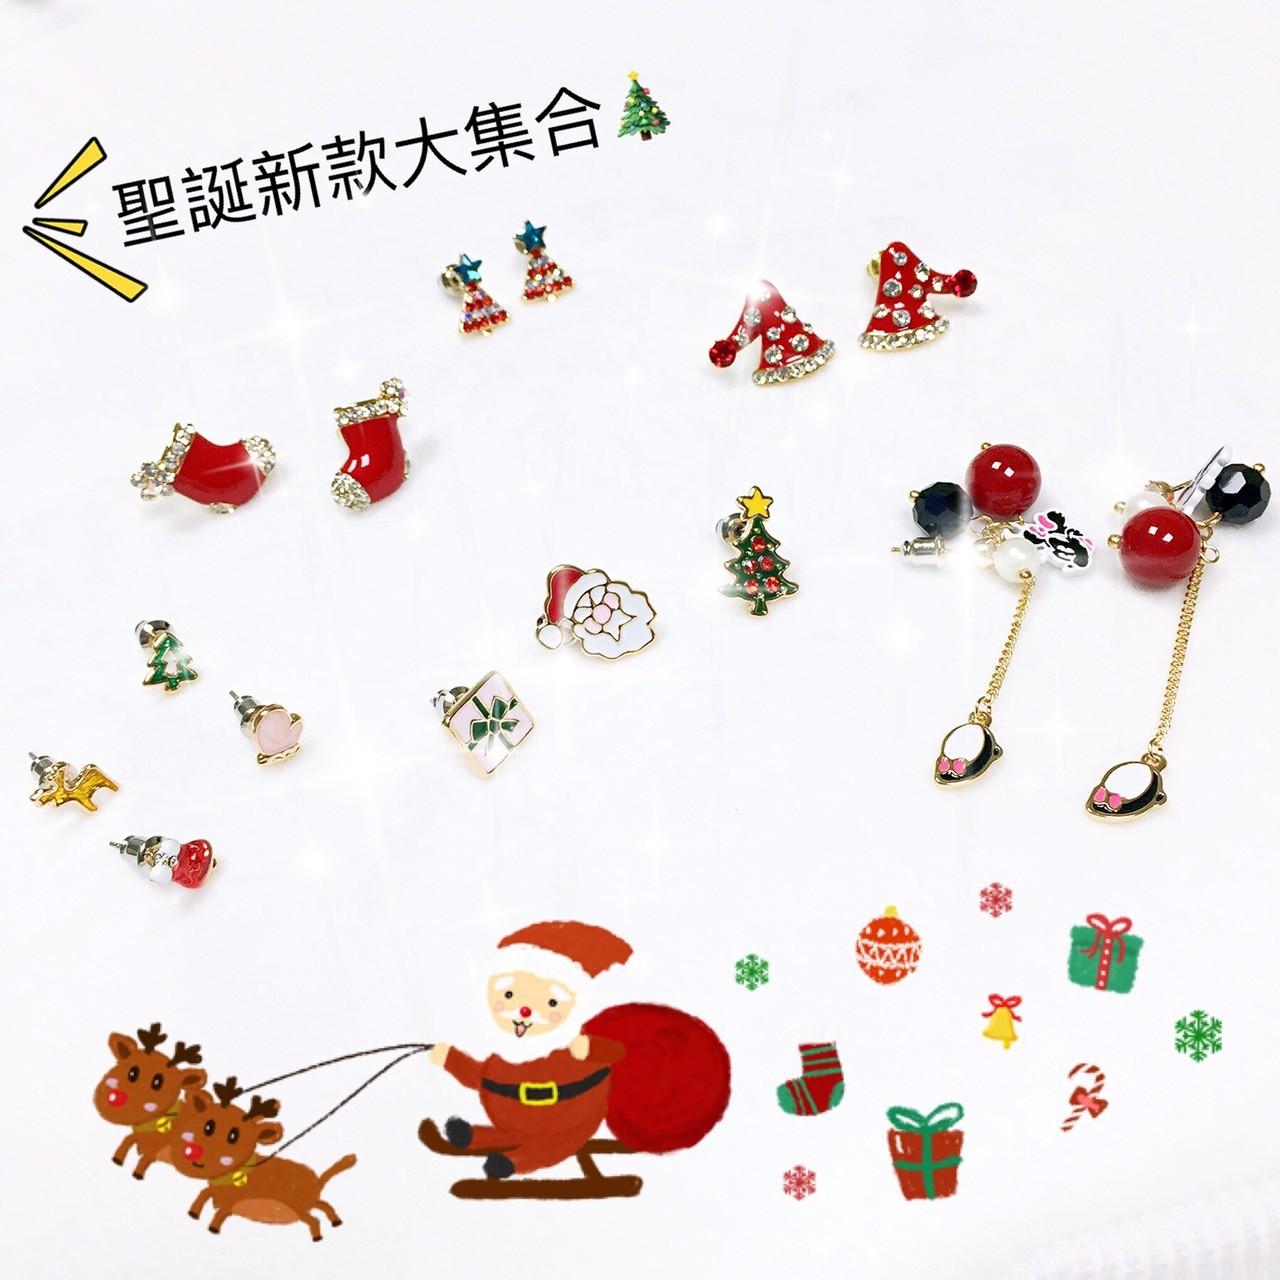 【聖誕節系列】聖誕節專屬經典元素造型耳環5款 X RUNWAY FASHION ICON